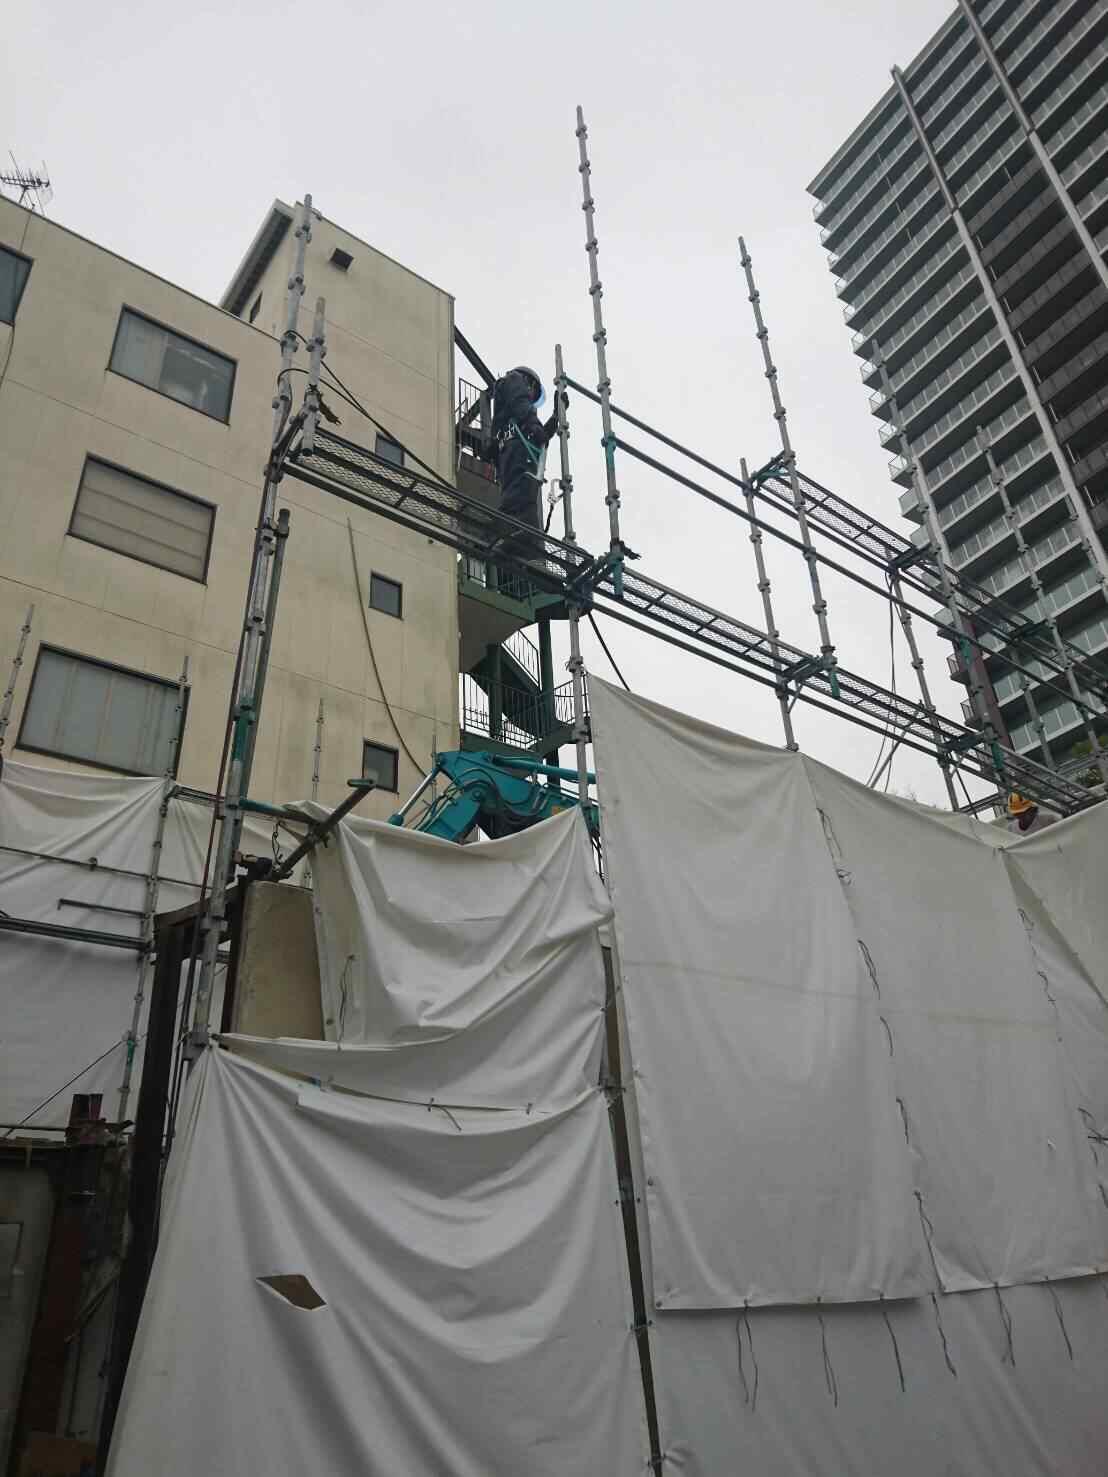 shin mochizuki - image (47)